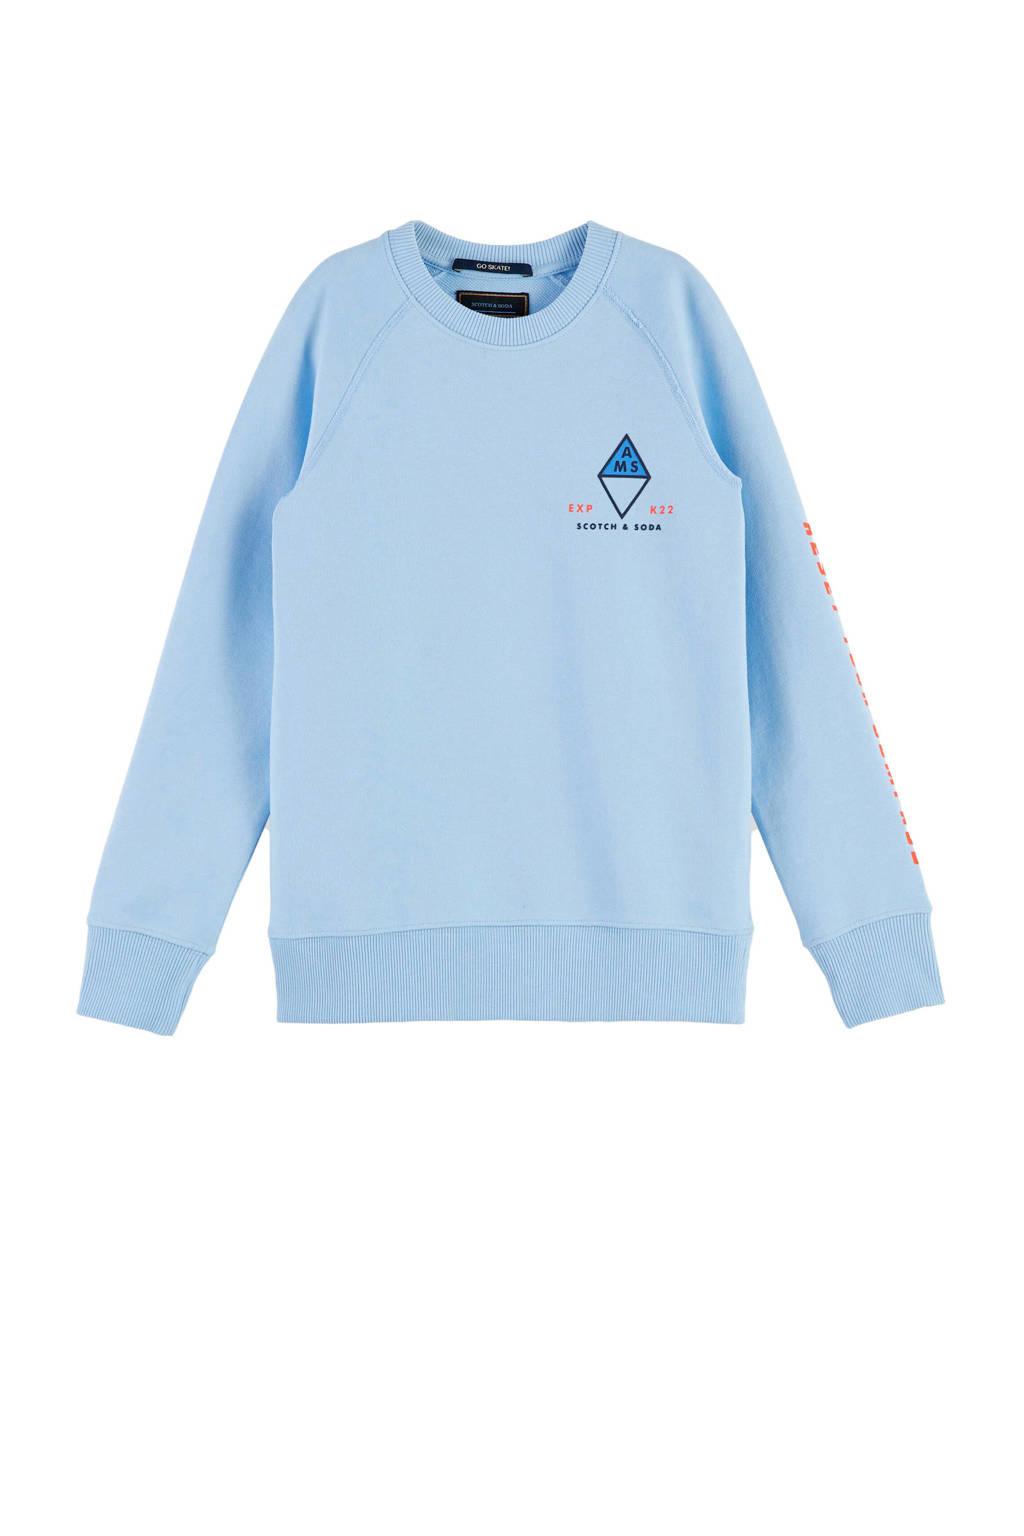 Scotch & Soda sweater van biologisch katoen lichtblauw, Lichtblauw